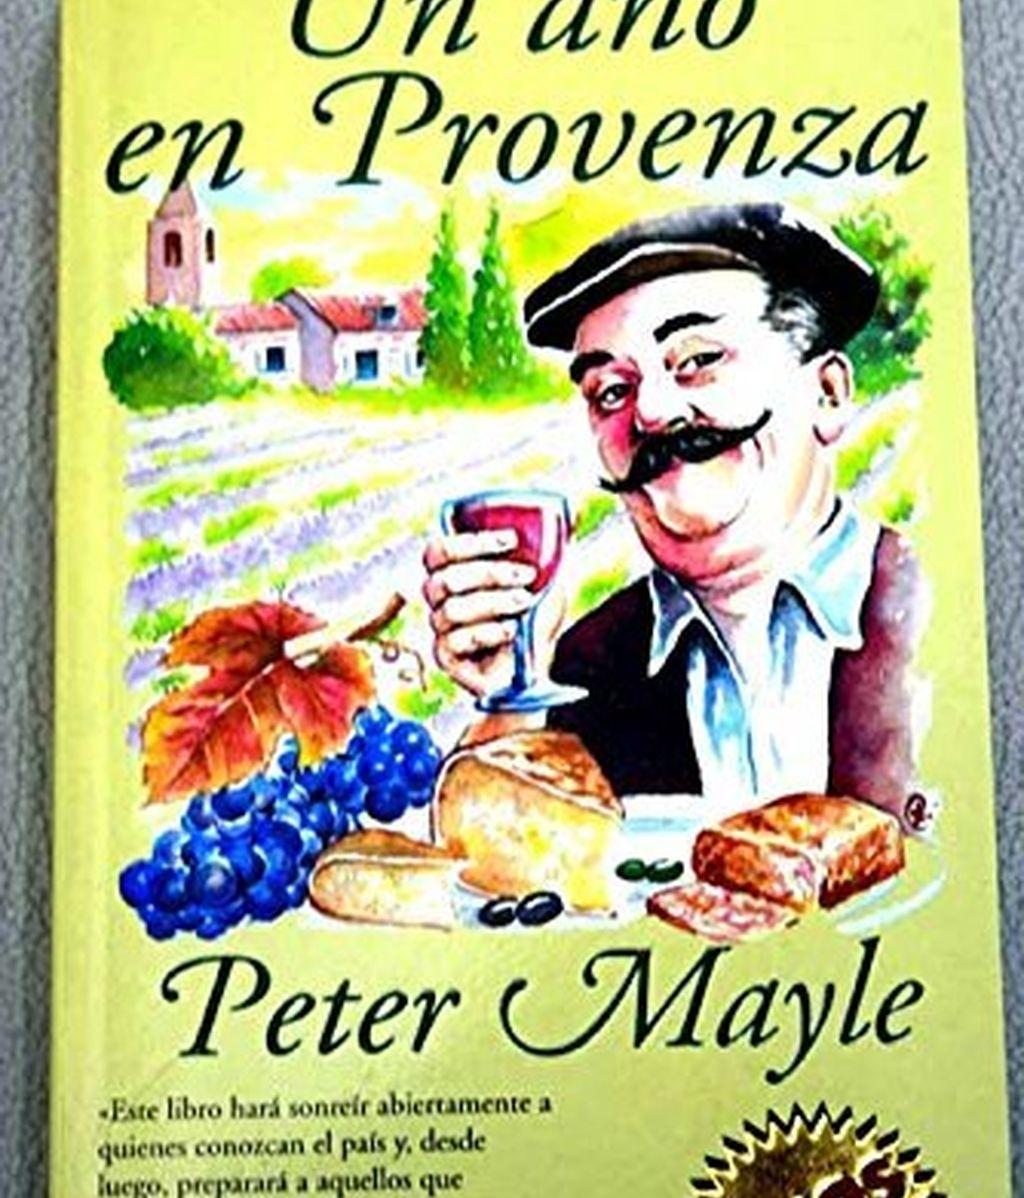 portada libro Provenza.jpg